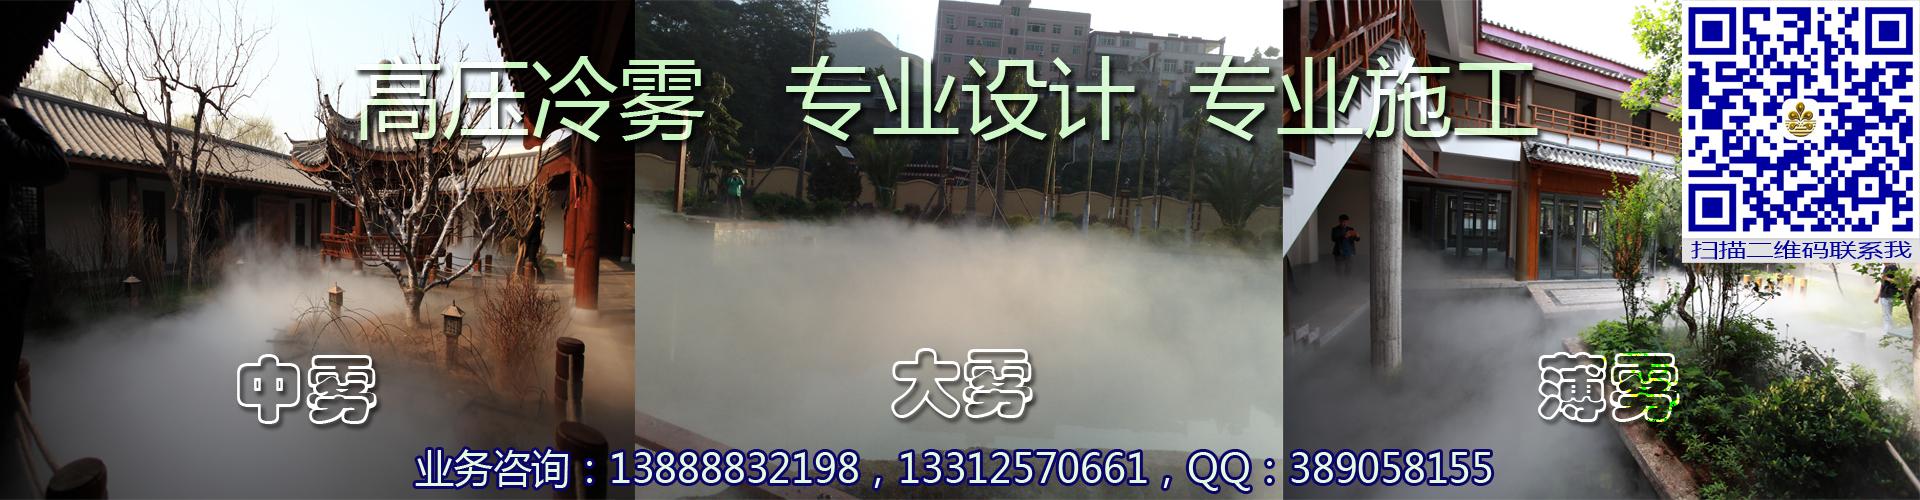 云南华兴喷泉网